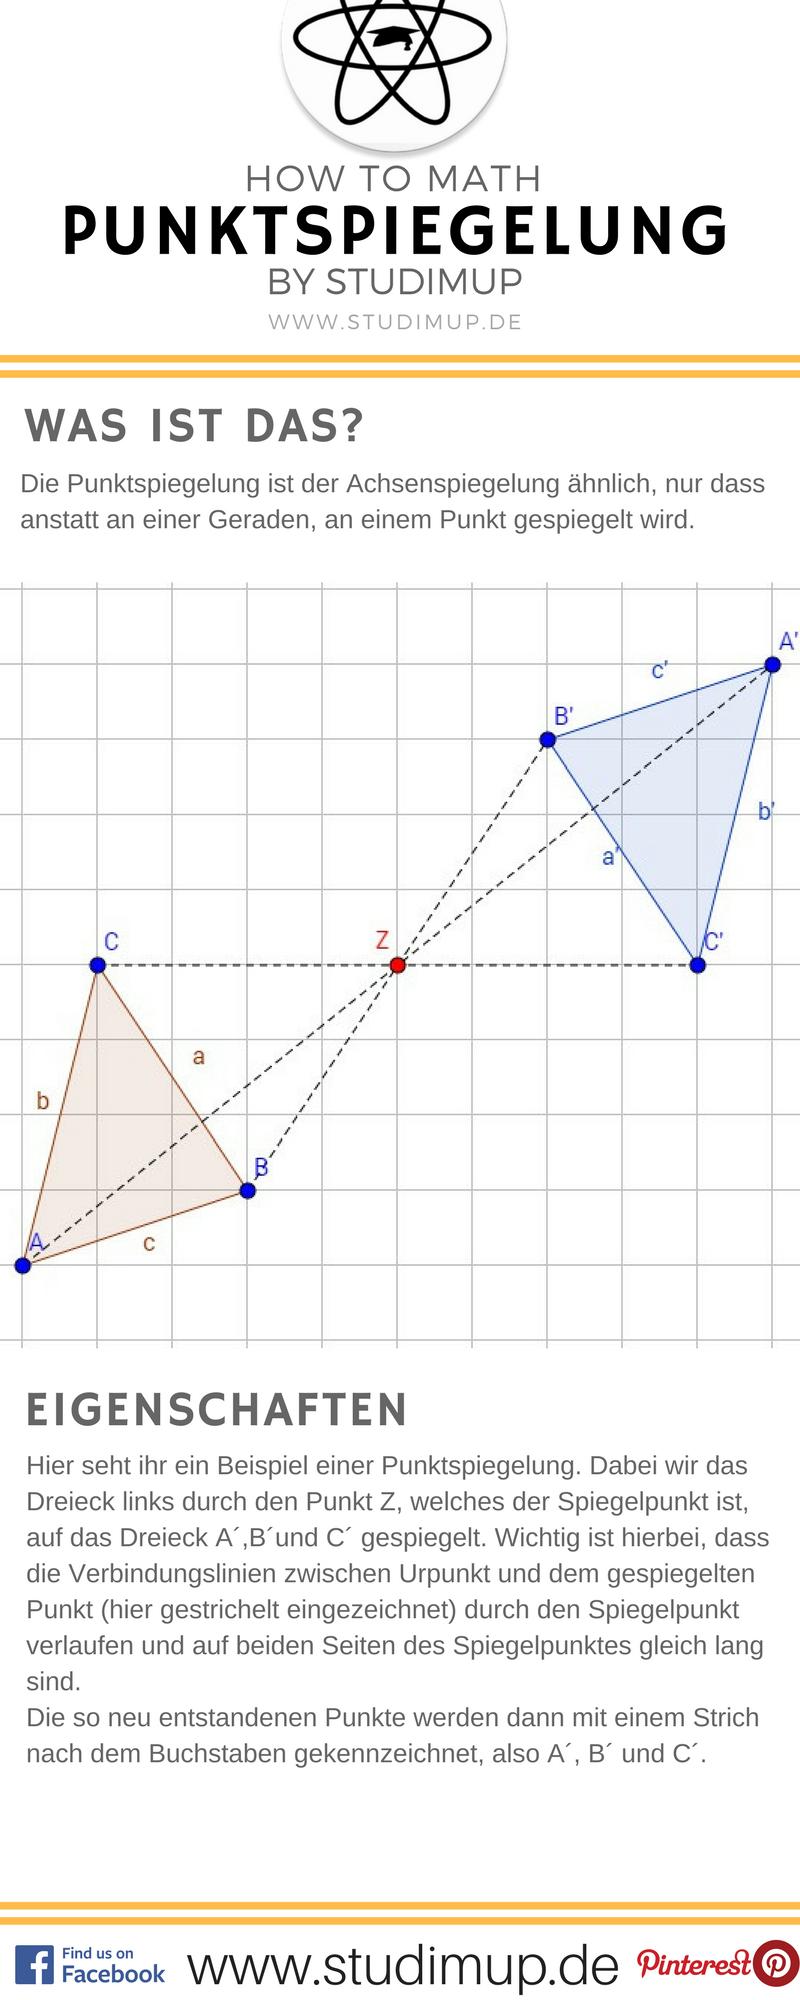 Punktspiegelung Einfach Erklart Im Mathe Spickzettel Von Studimup Einfach Lernen Auf Studimup Spickzettel Mathe Nachhilfe Mathe